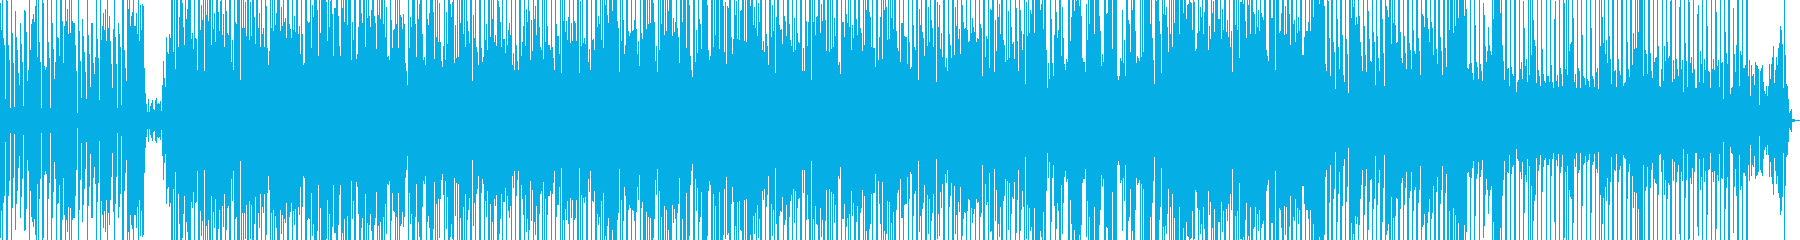 激しいダンス曲の再生済みの波形